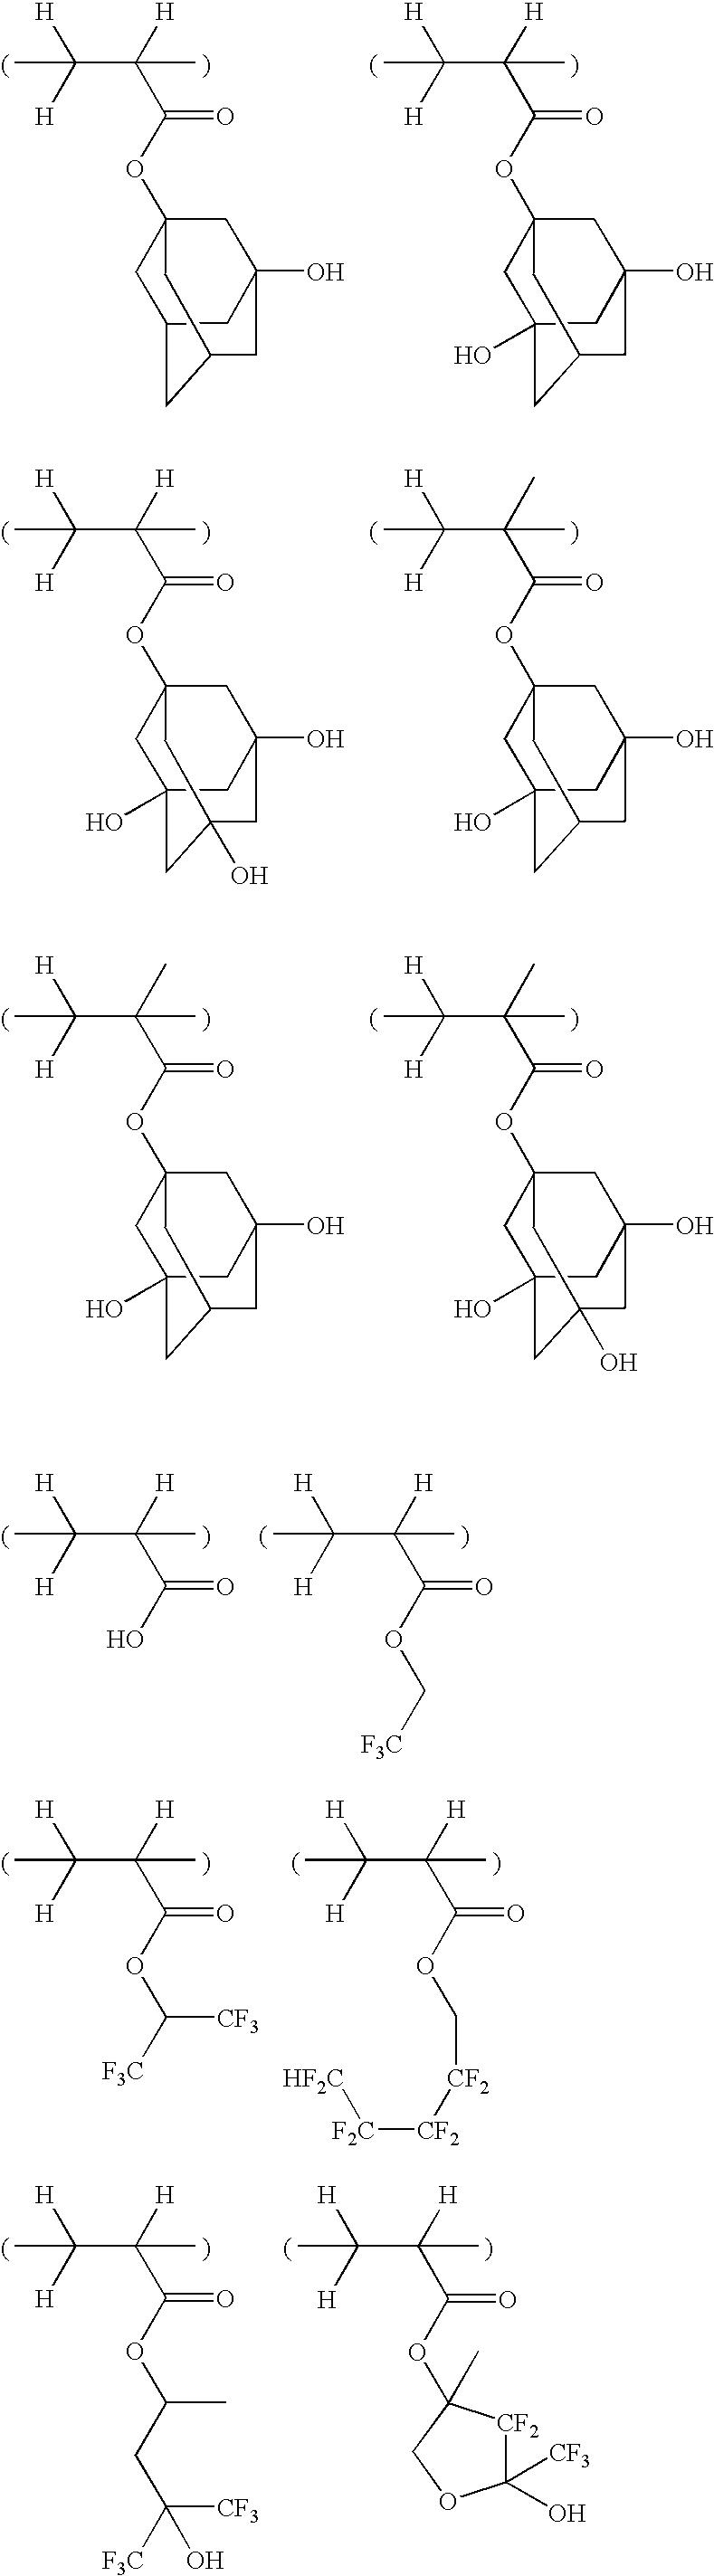 Figure US07537880-20090526-C00033